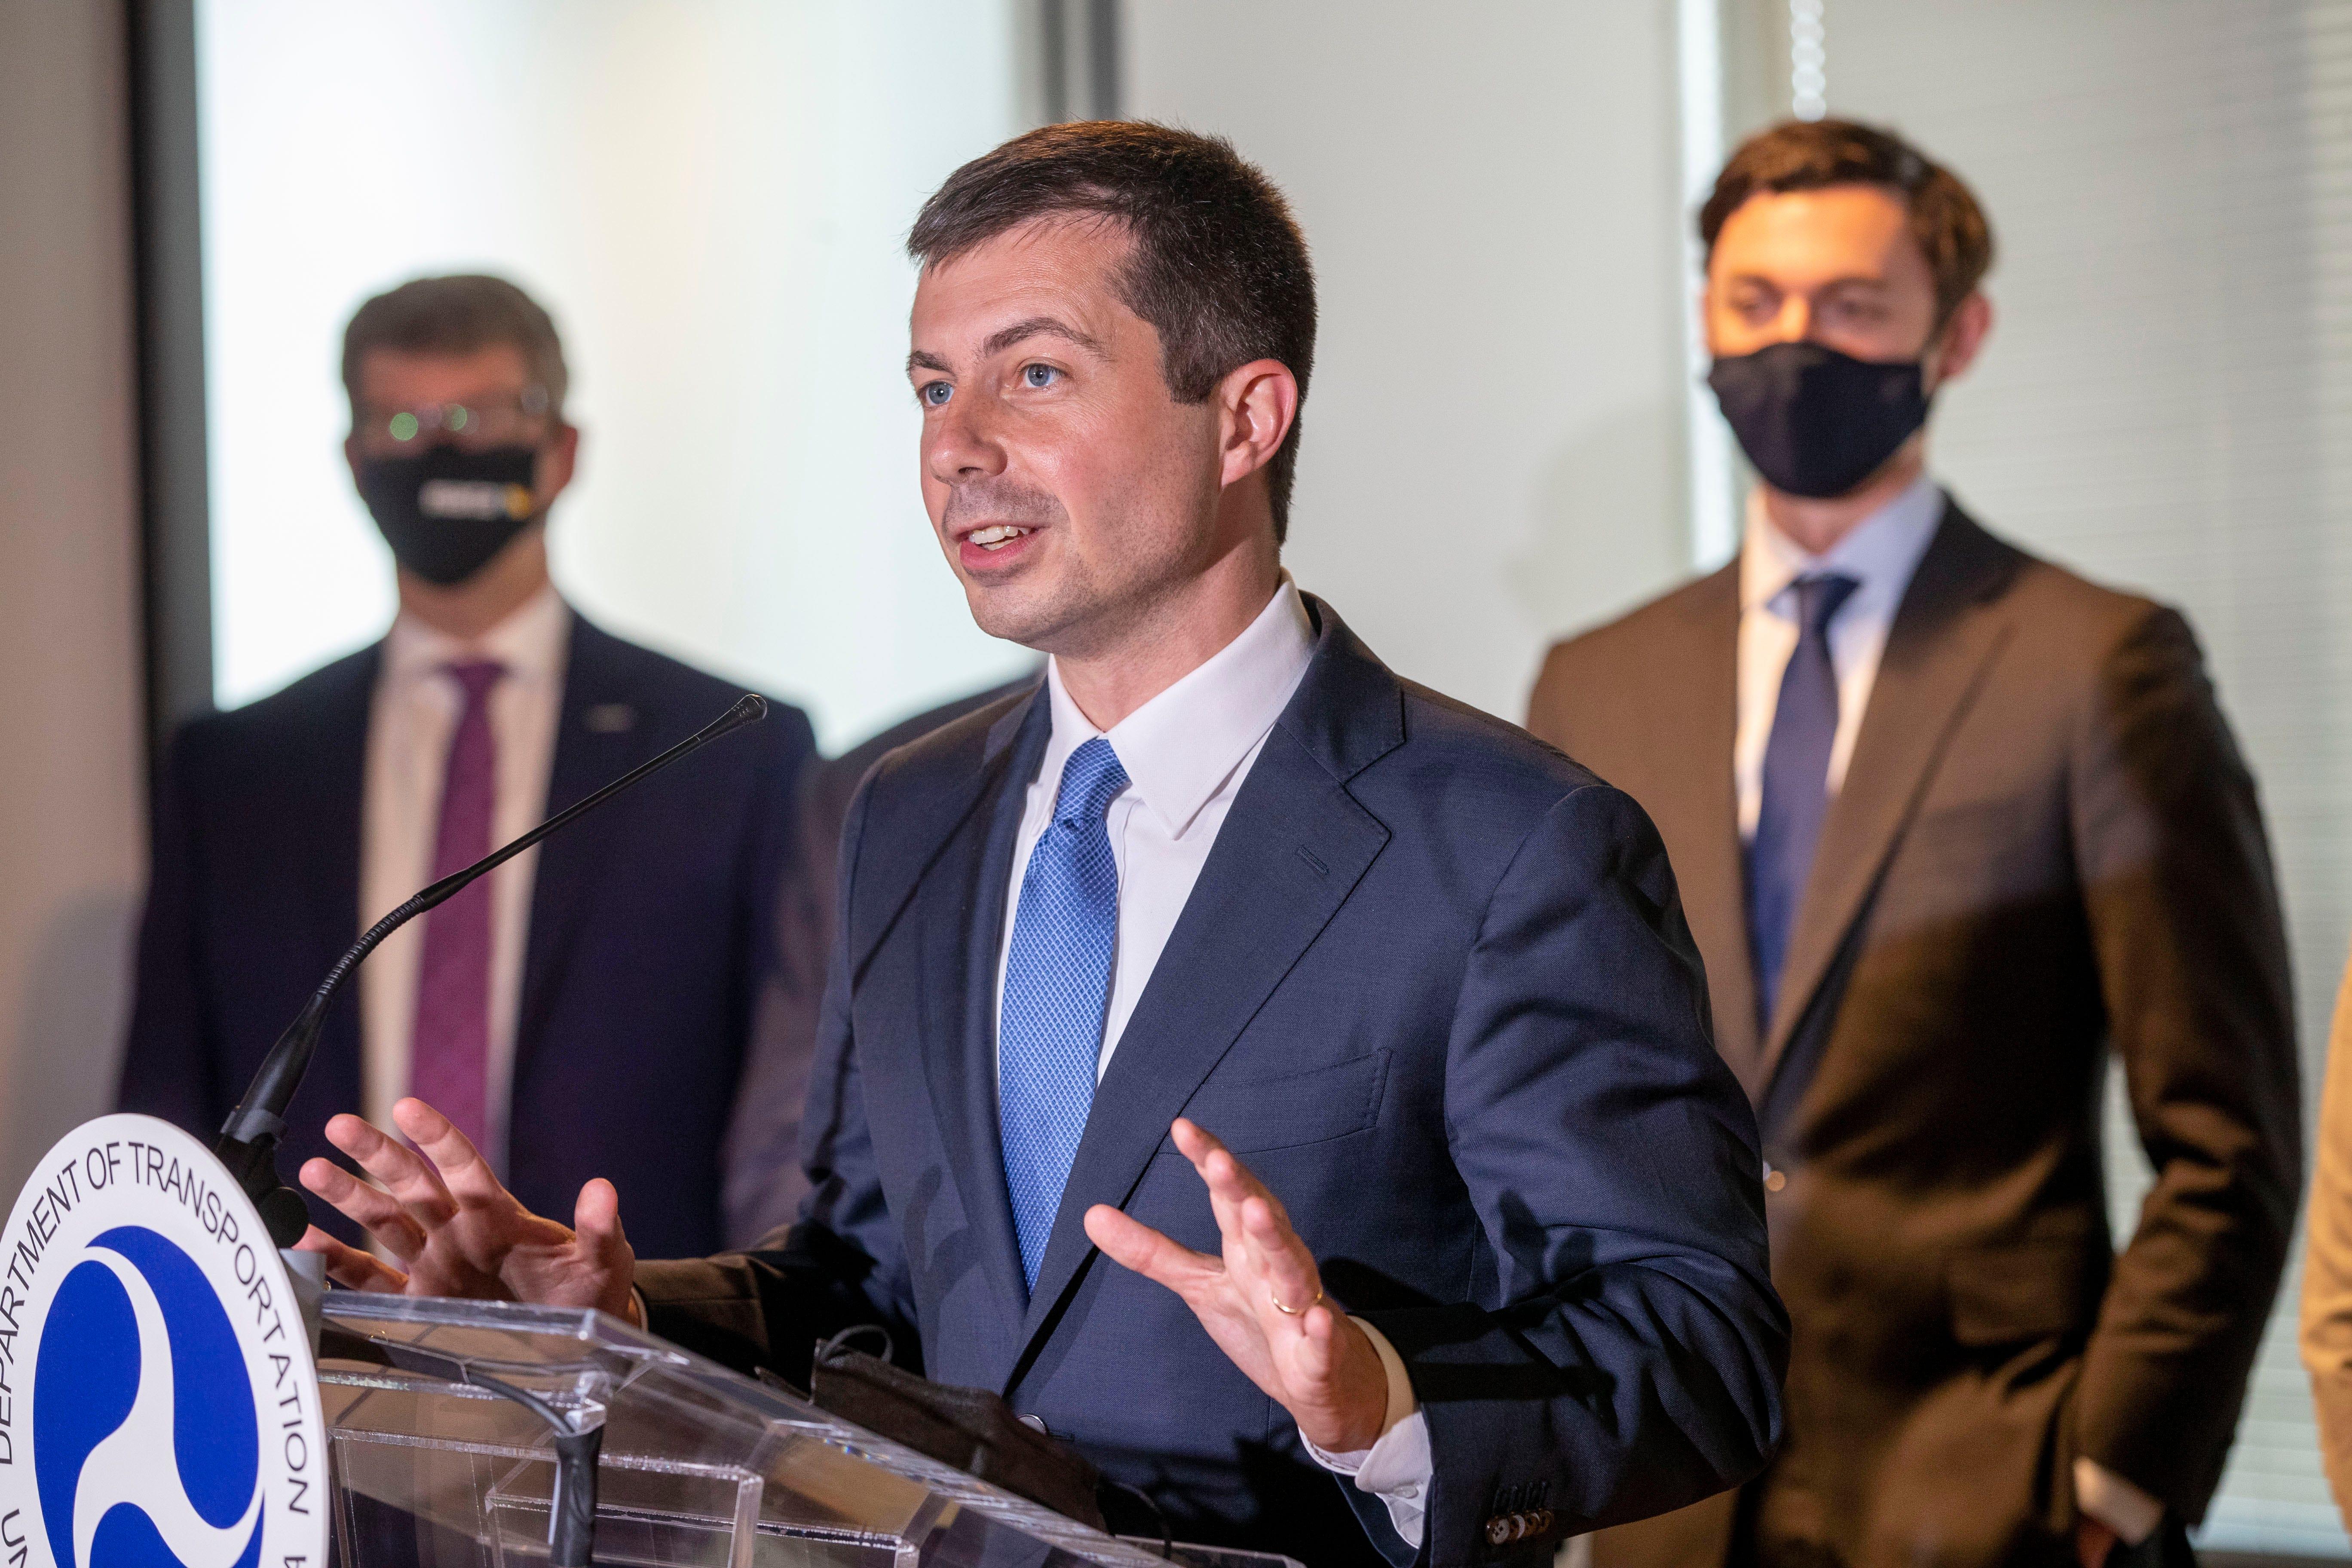 Buttigieg urges travelers to respect mask mandates on planes 2